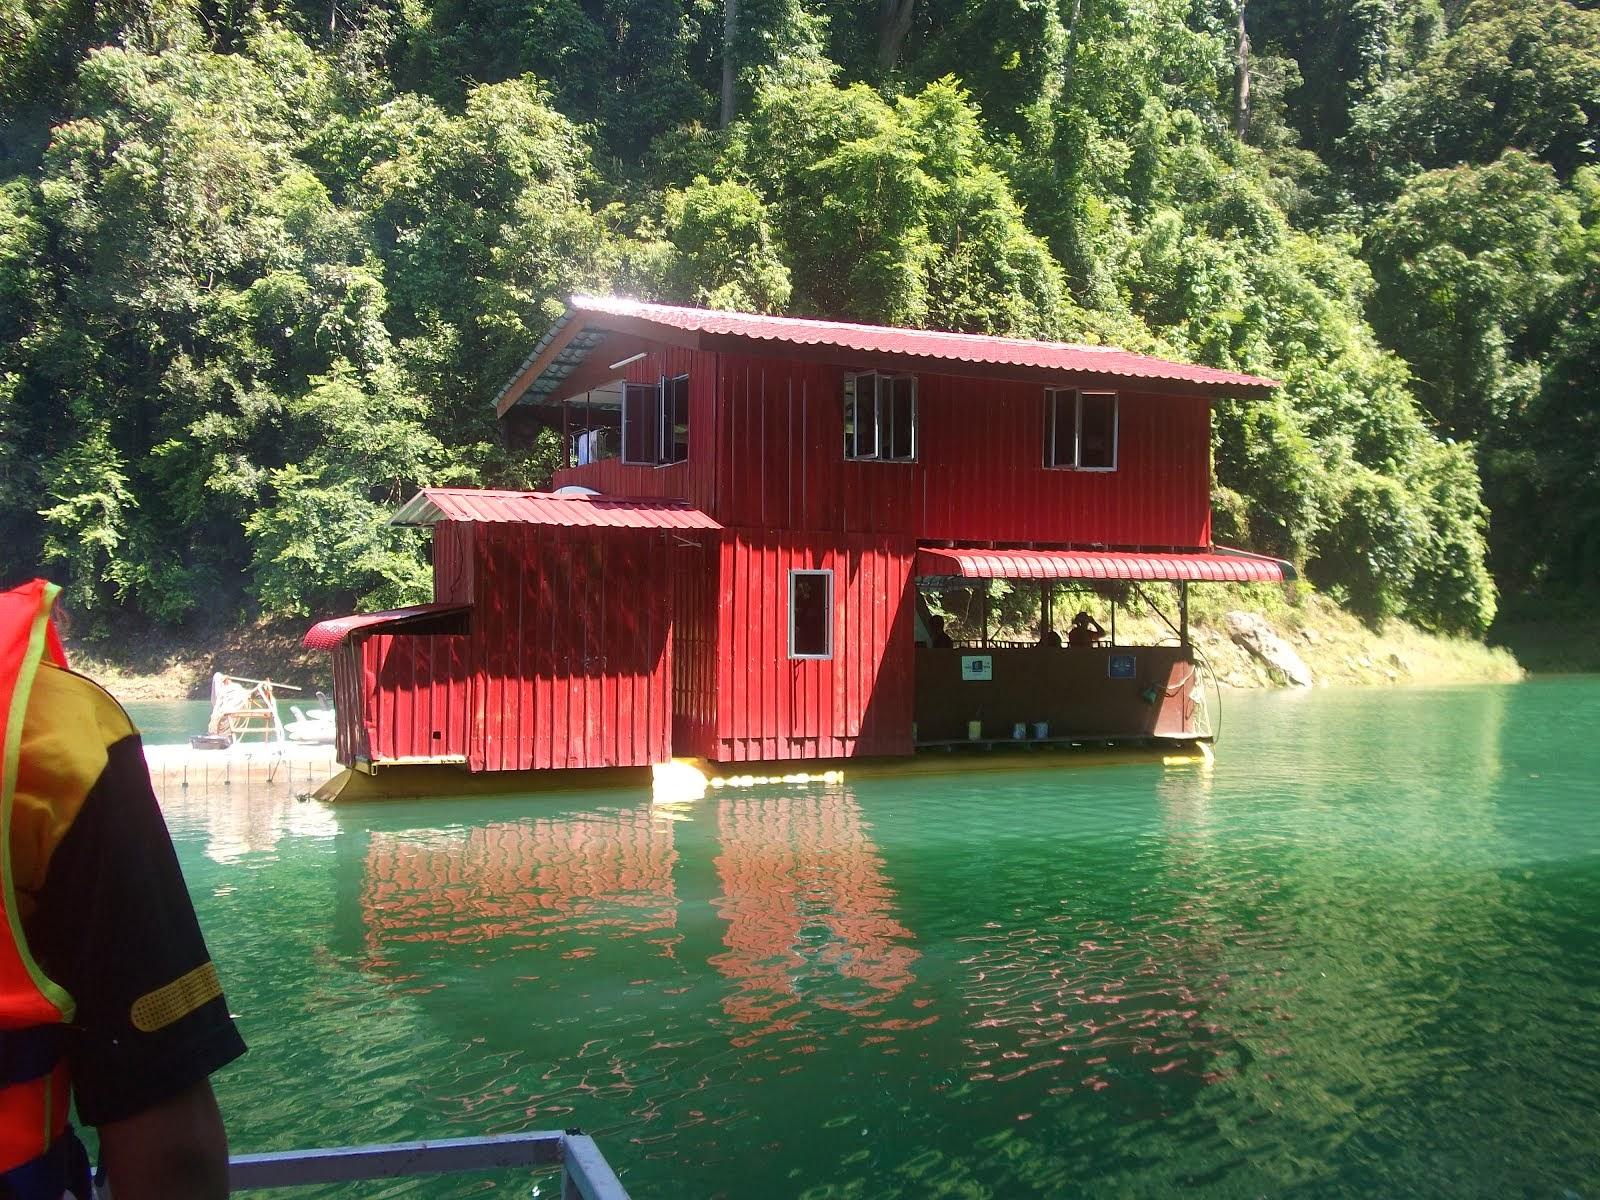 TASIK PEDU BOAT HOUSE